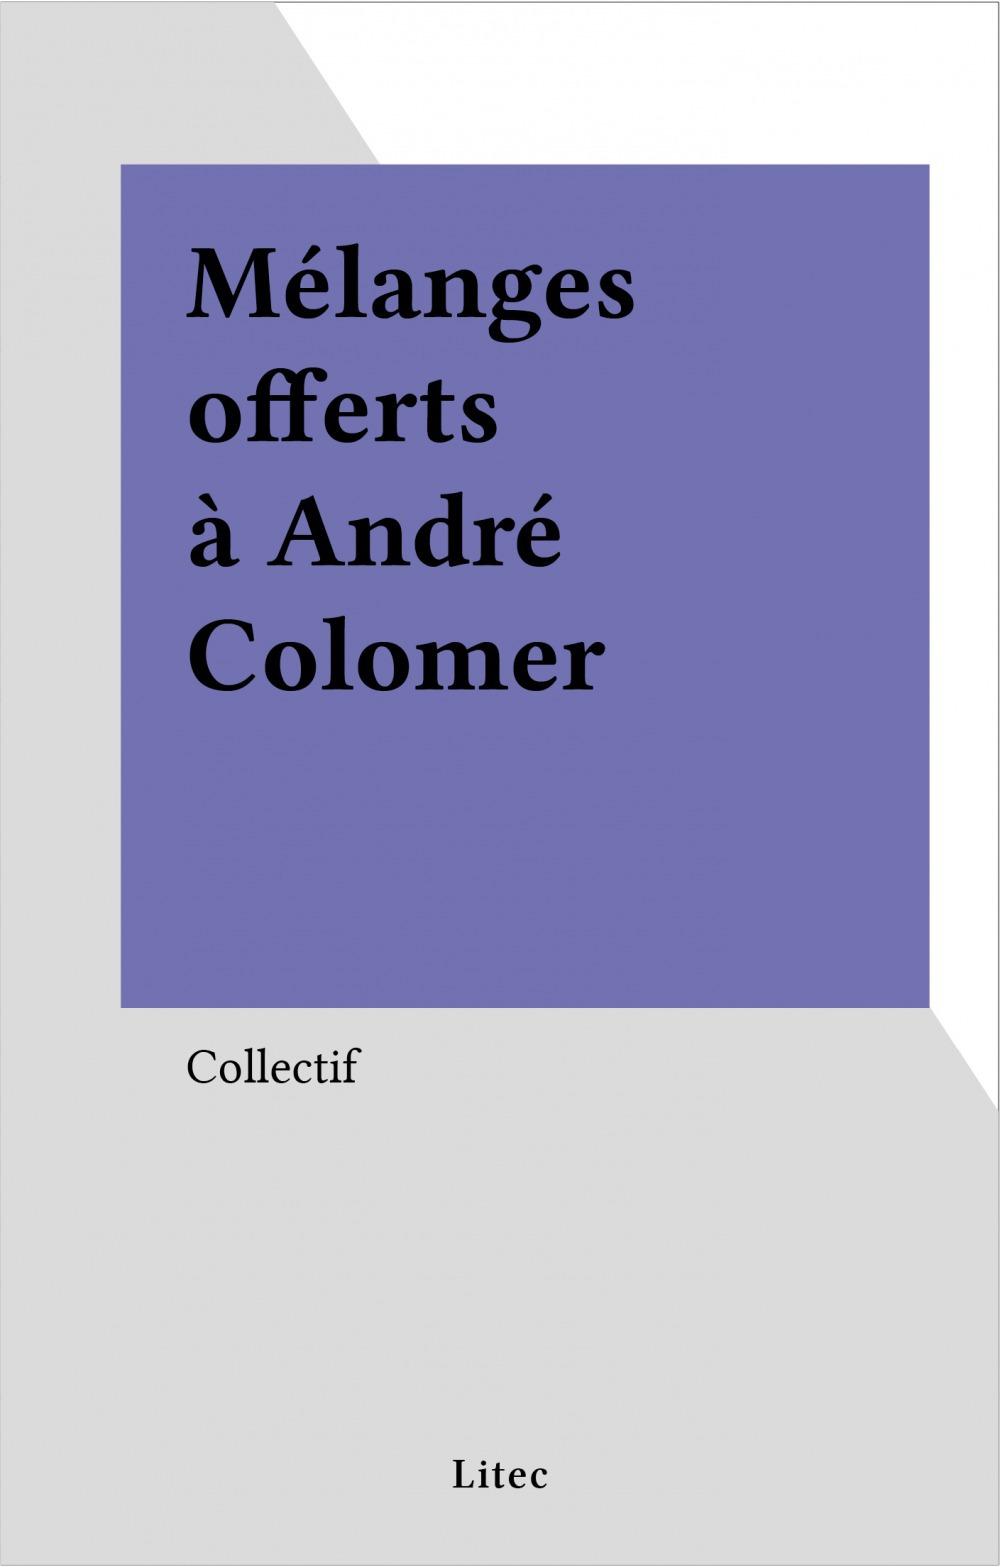 Melanges offerts a colomer